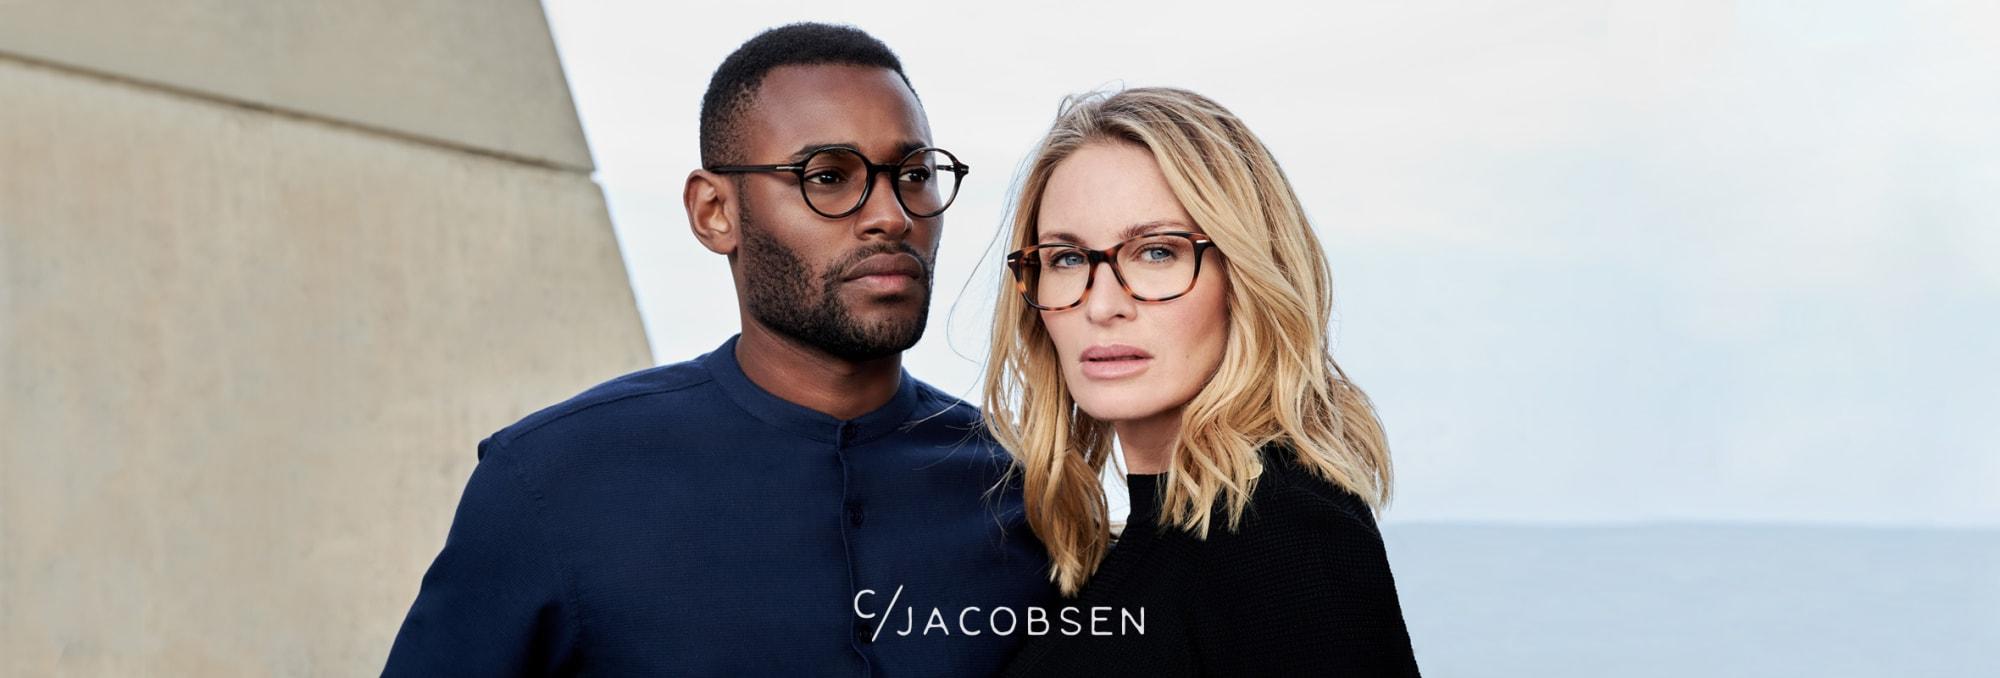 C. Jacobsen